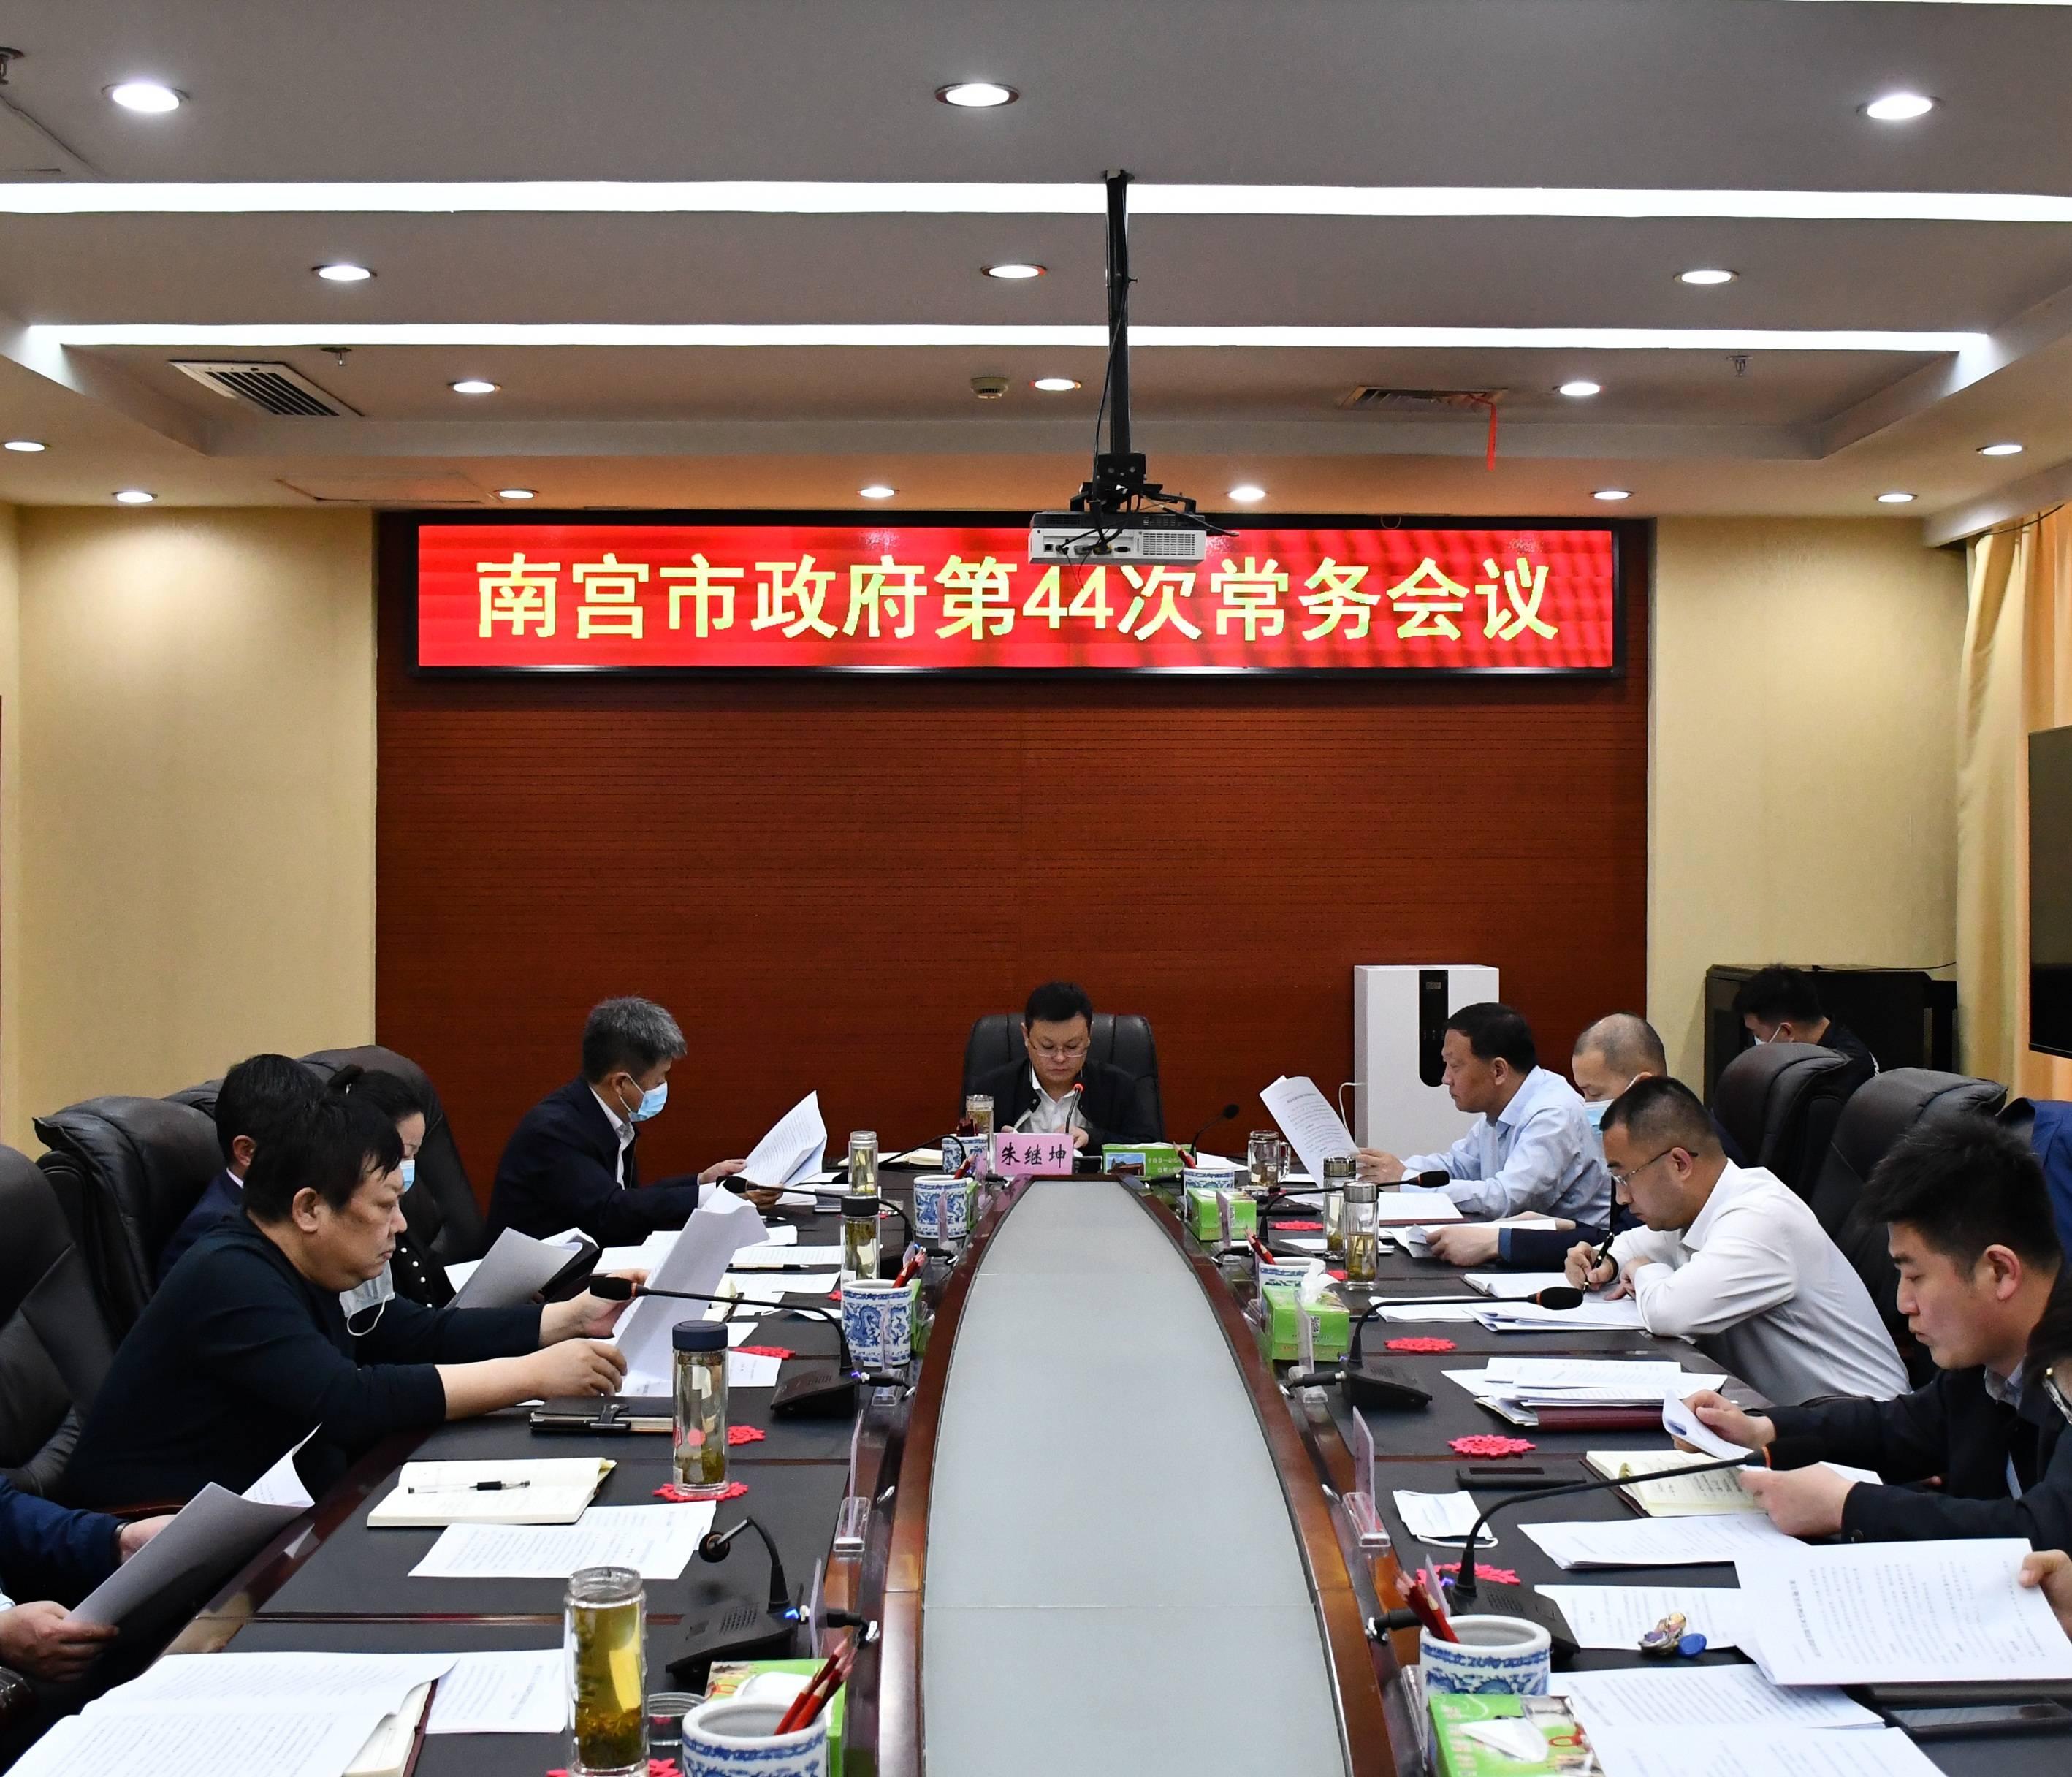 市政府召开第44次政府常务会议